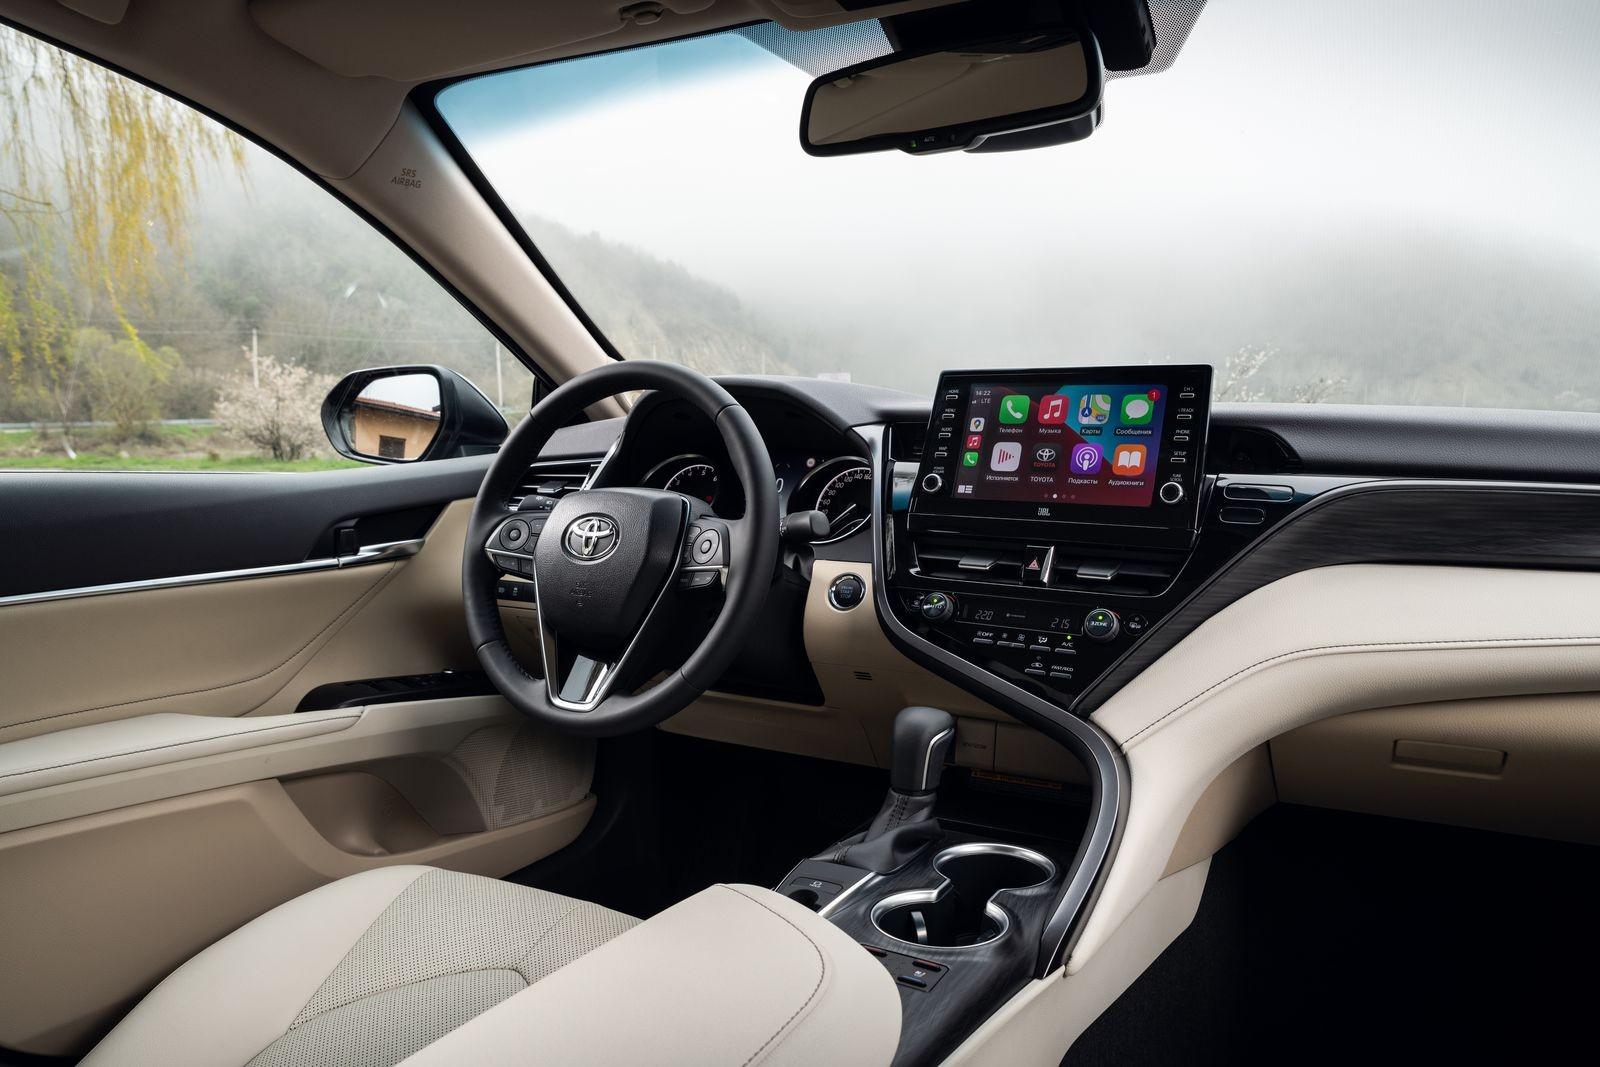 Ничего странного, только бизнес: тест-драйв обновленной Toyota Camry